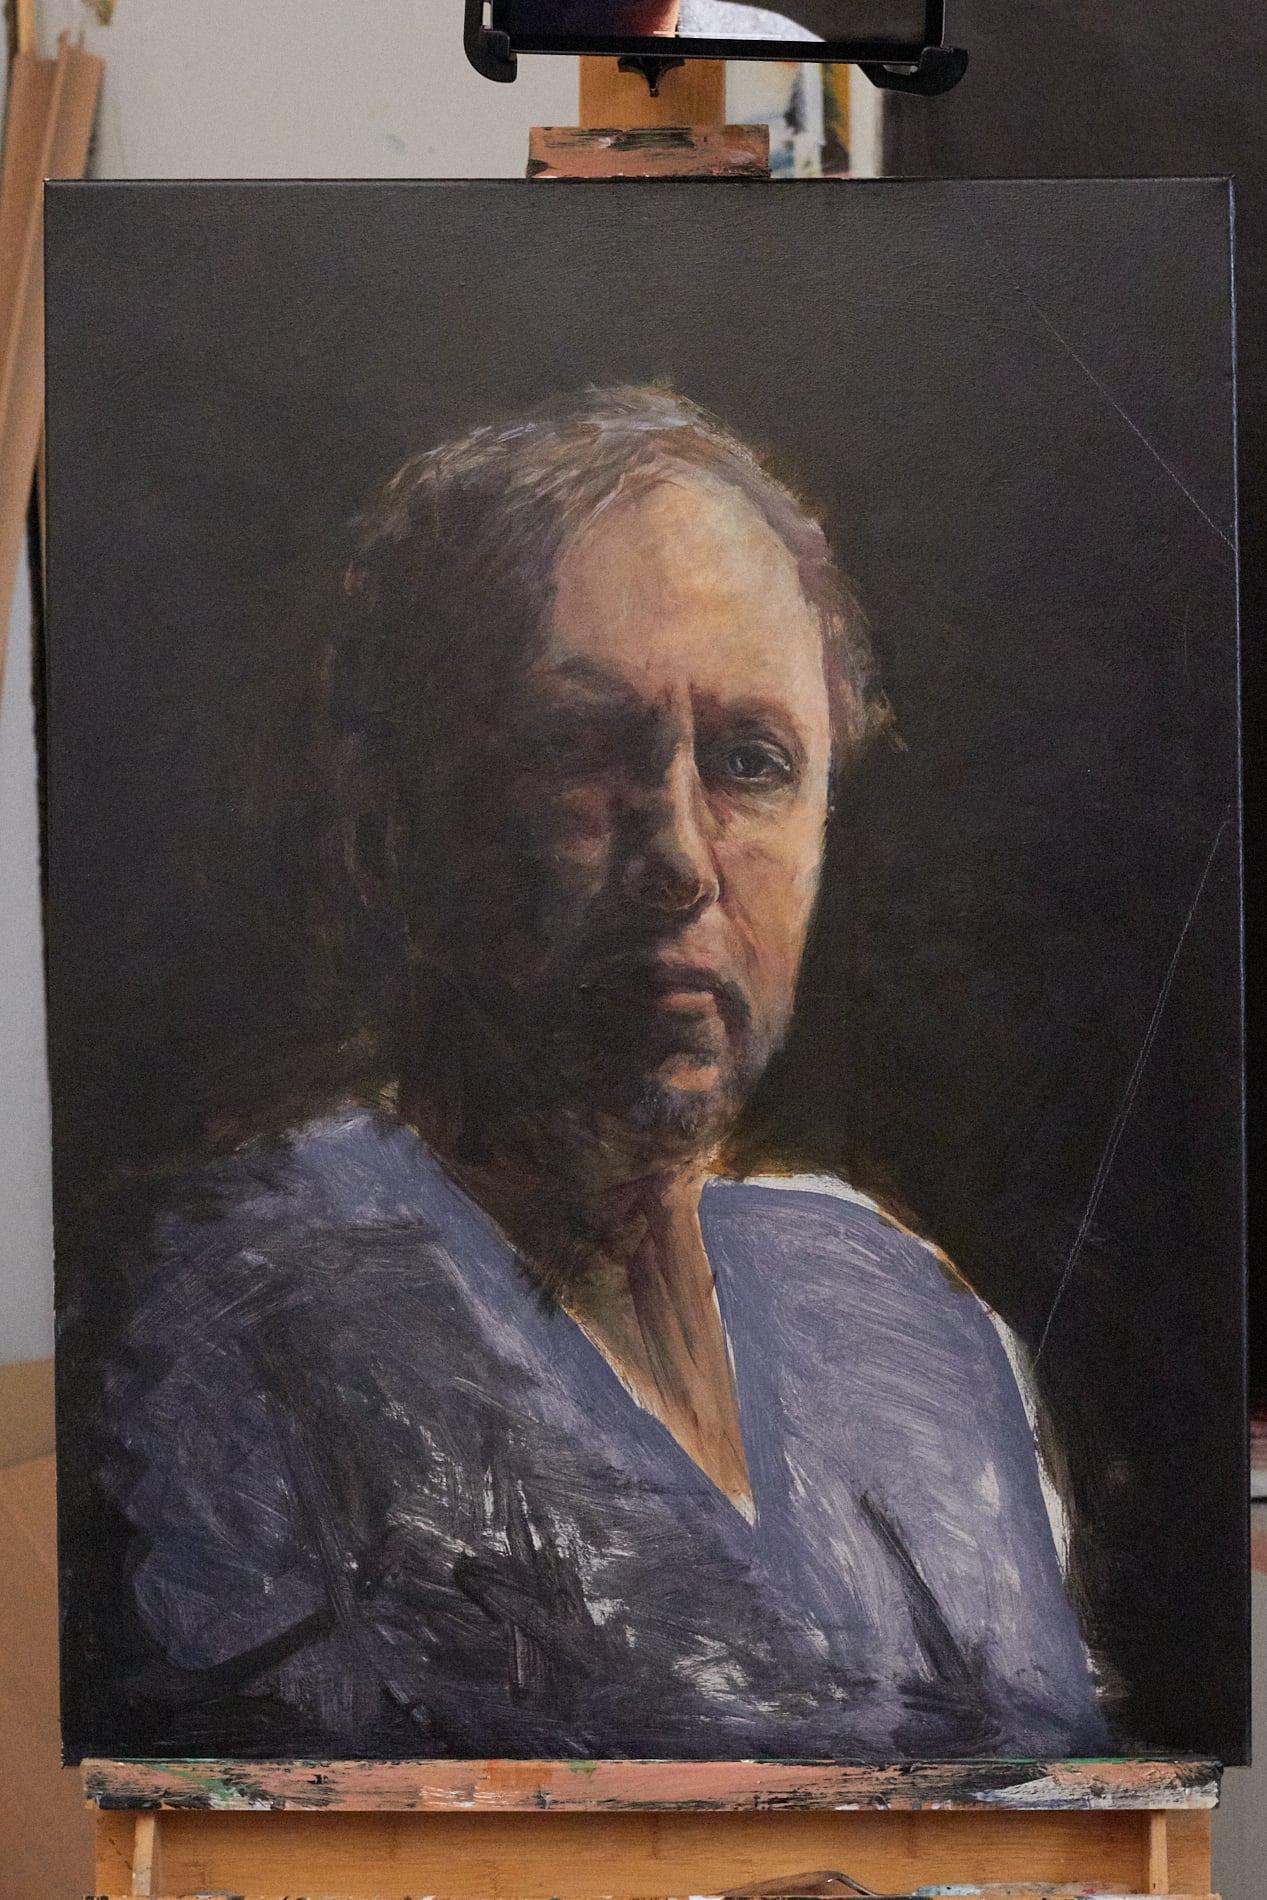 Jeroen Self Portrait - Process-12. ©Jeroen Carelse